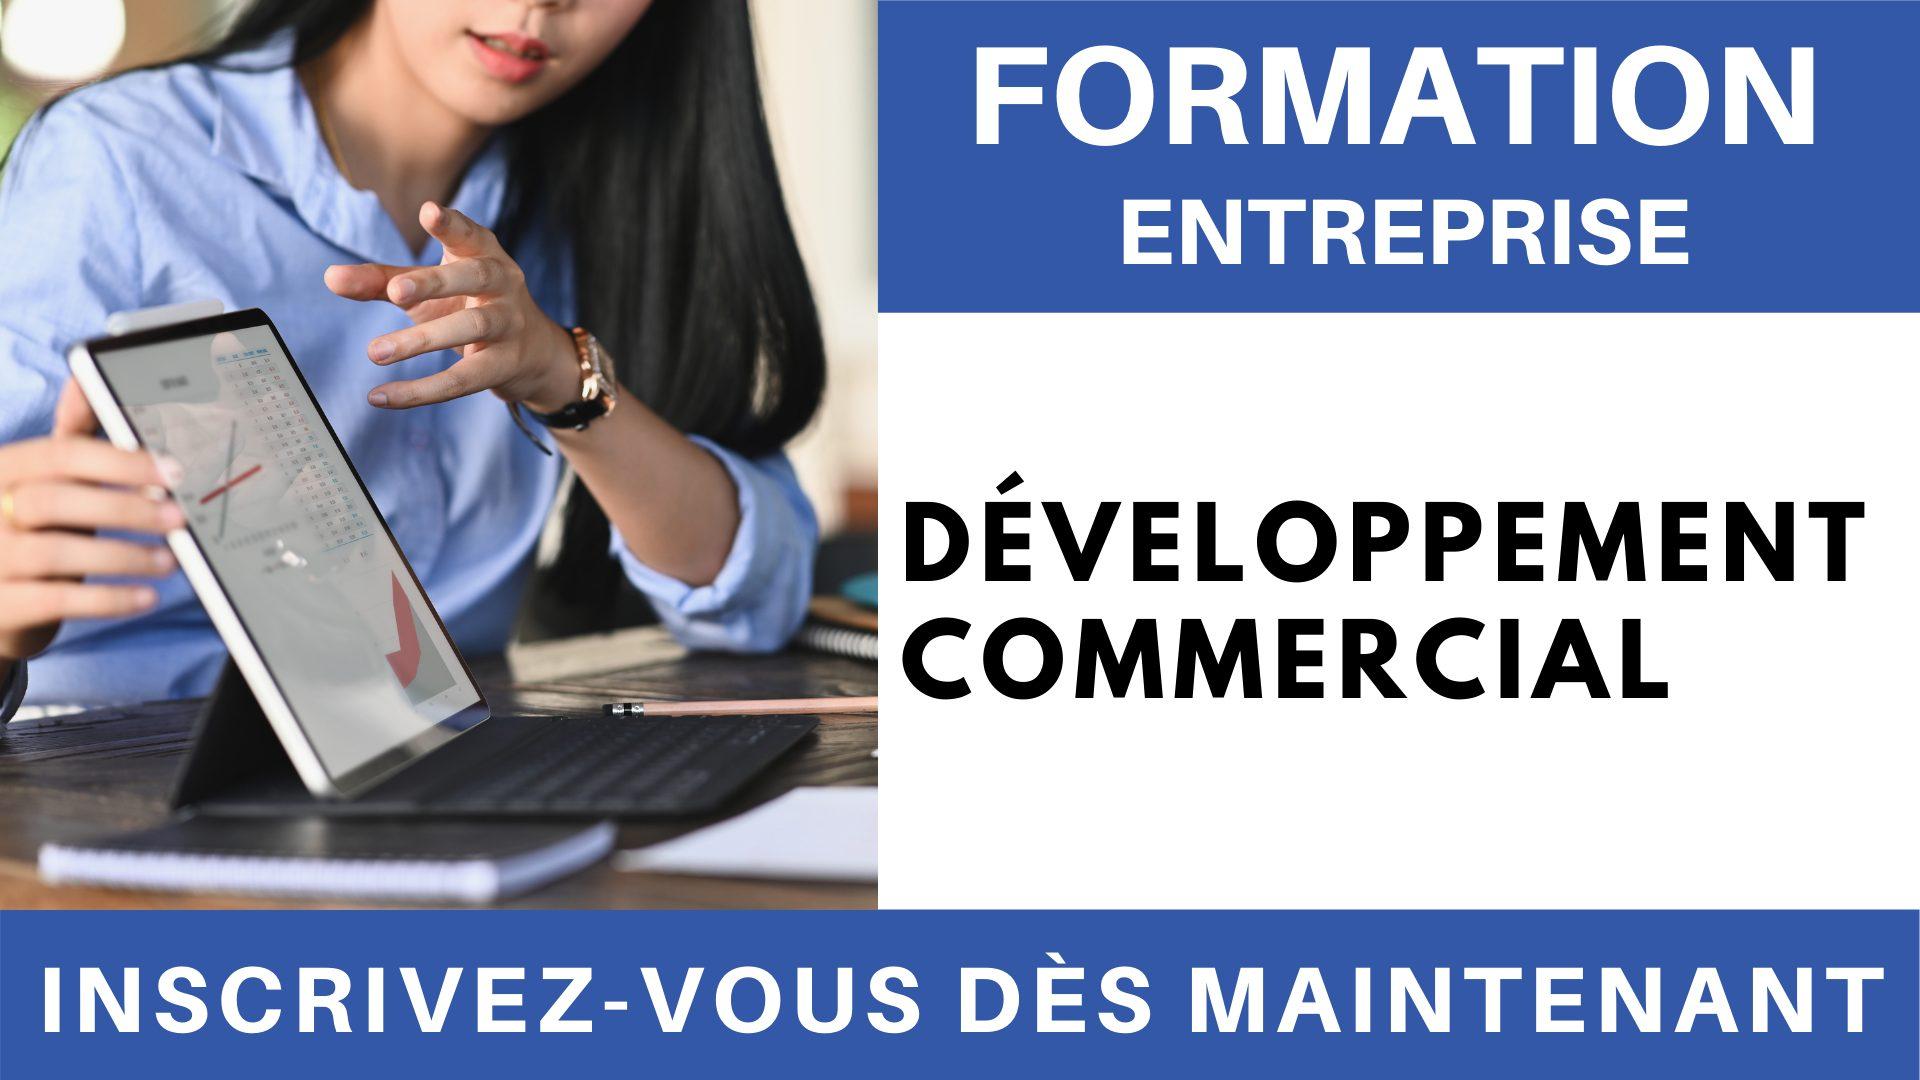 Formation Entreprise - Développement commercial